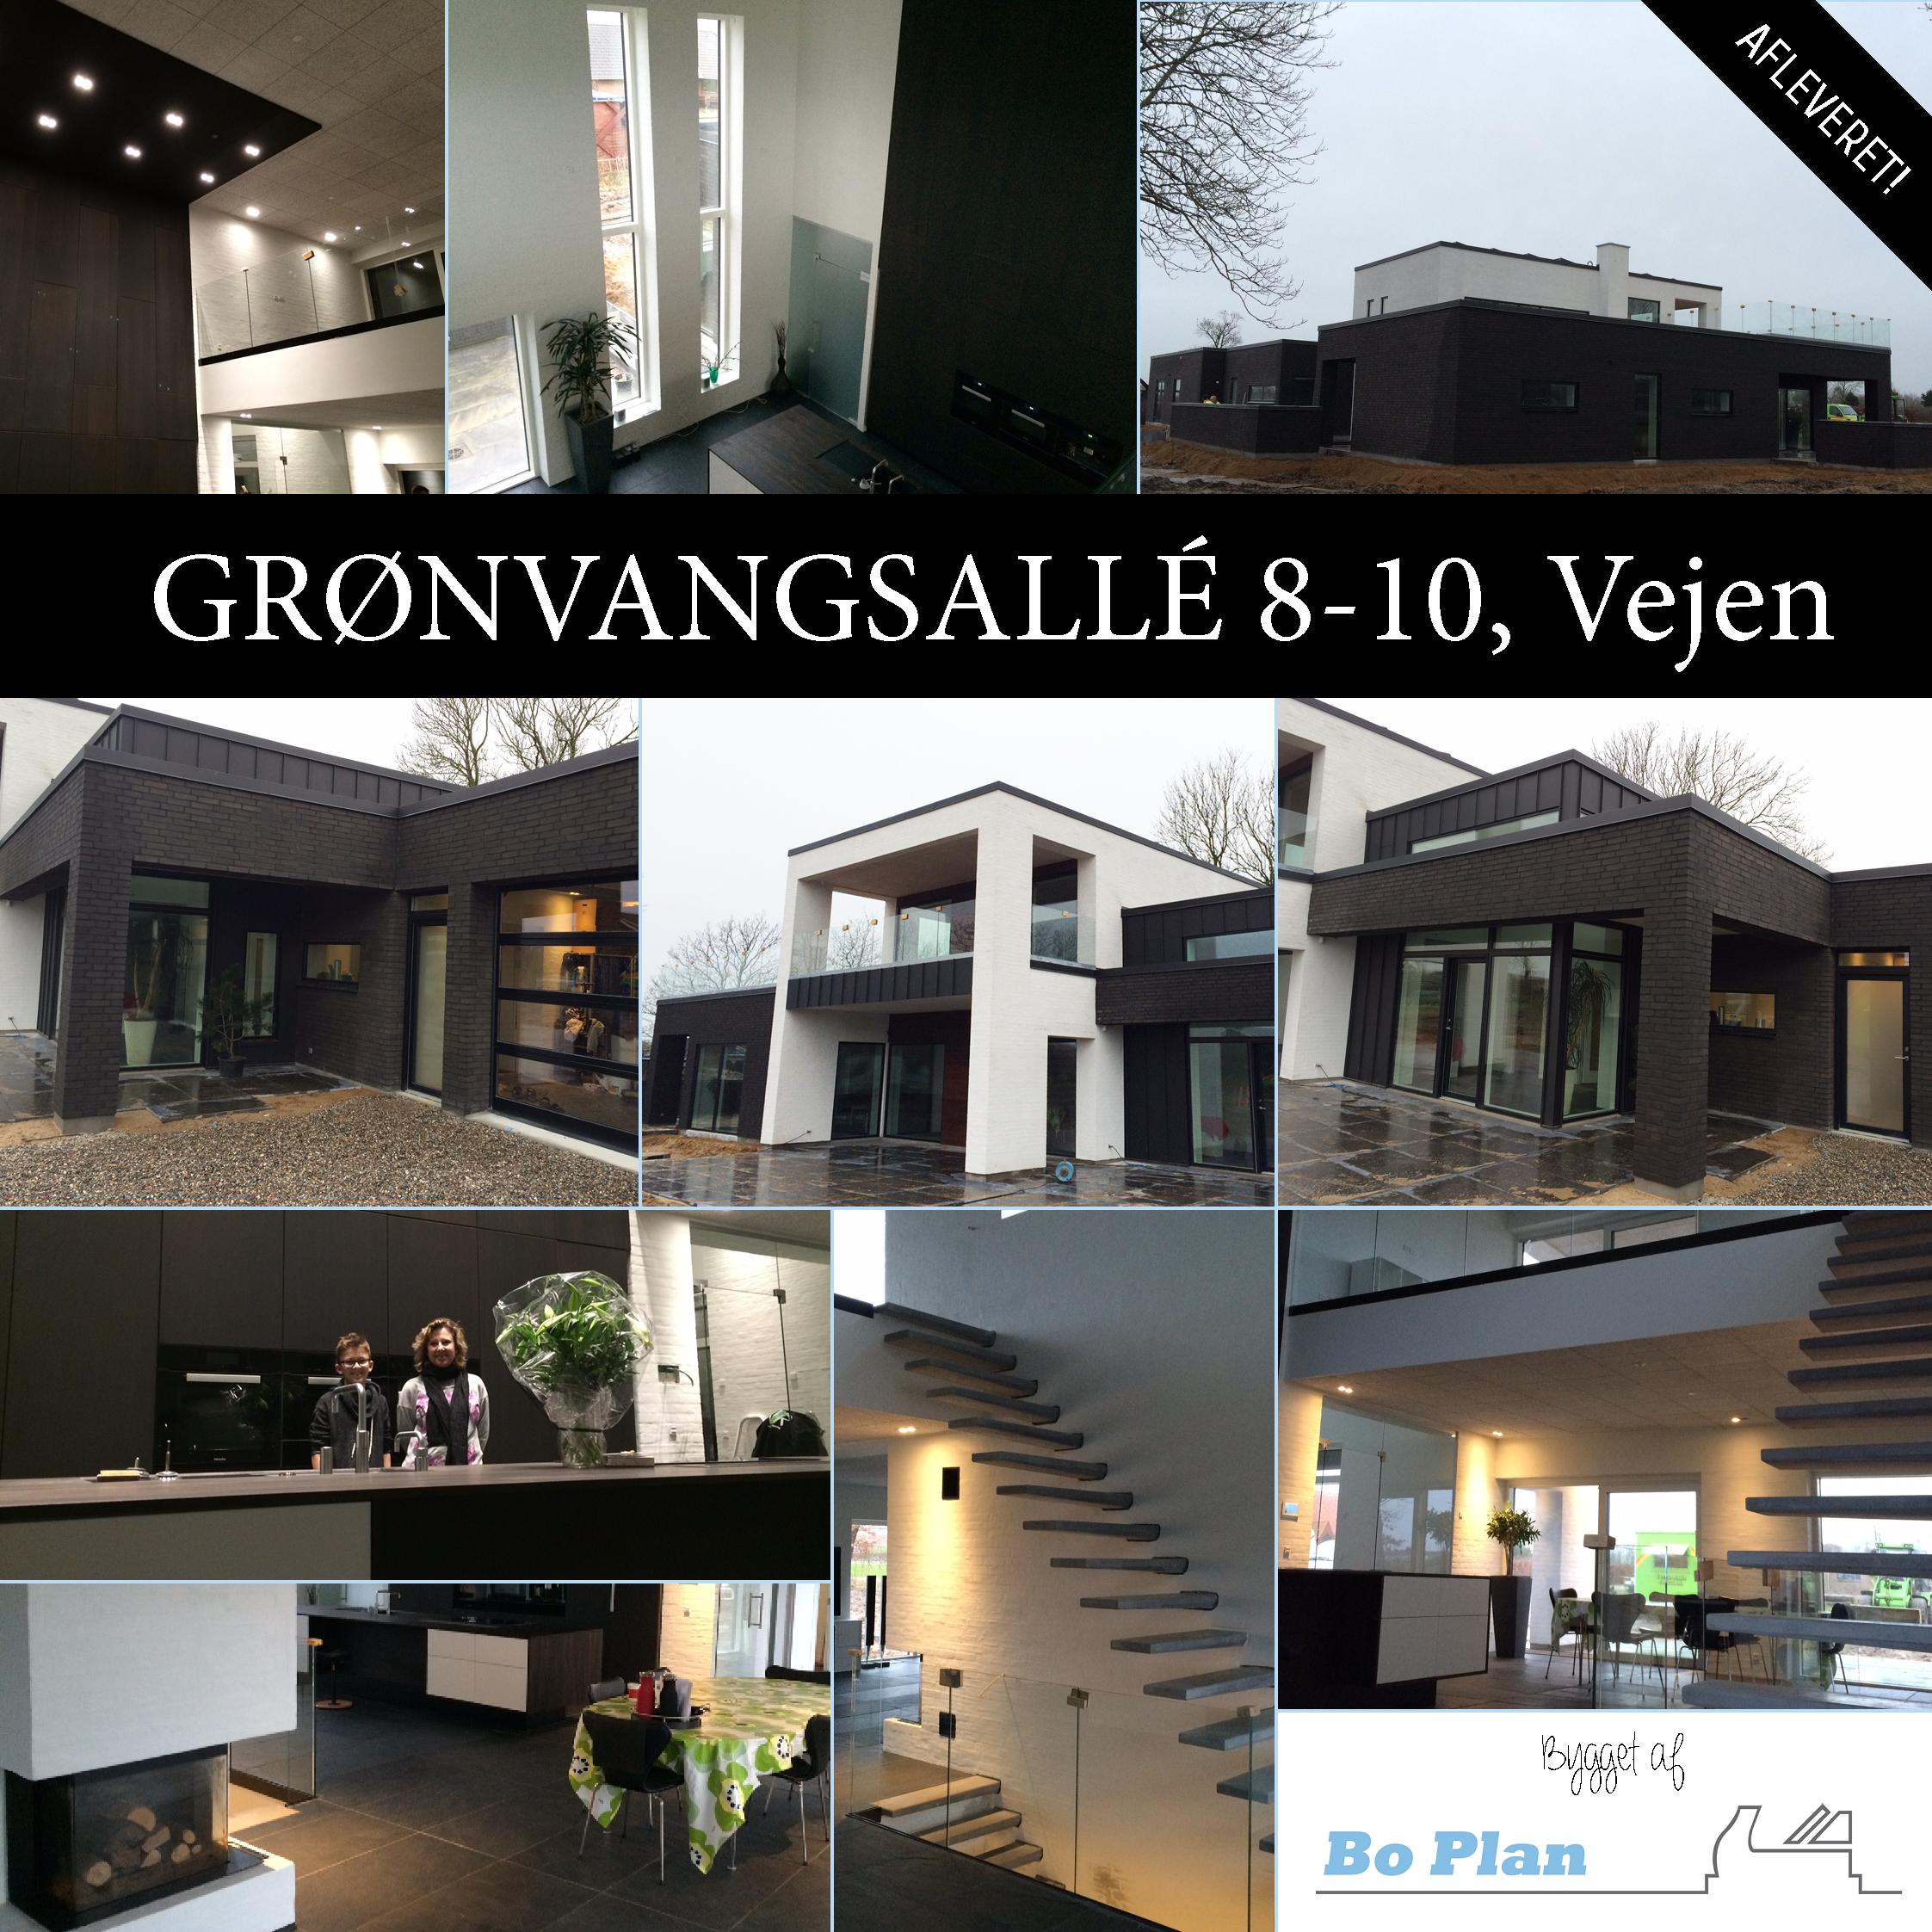 Grønvangsalle8-10_afleveret_jan2015